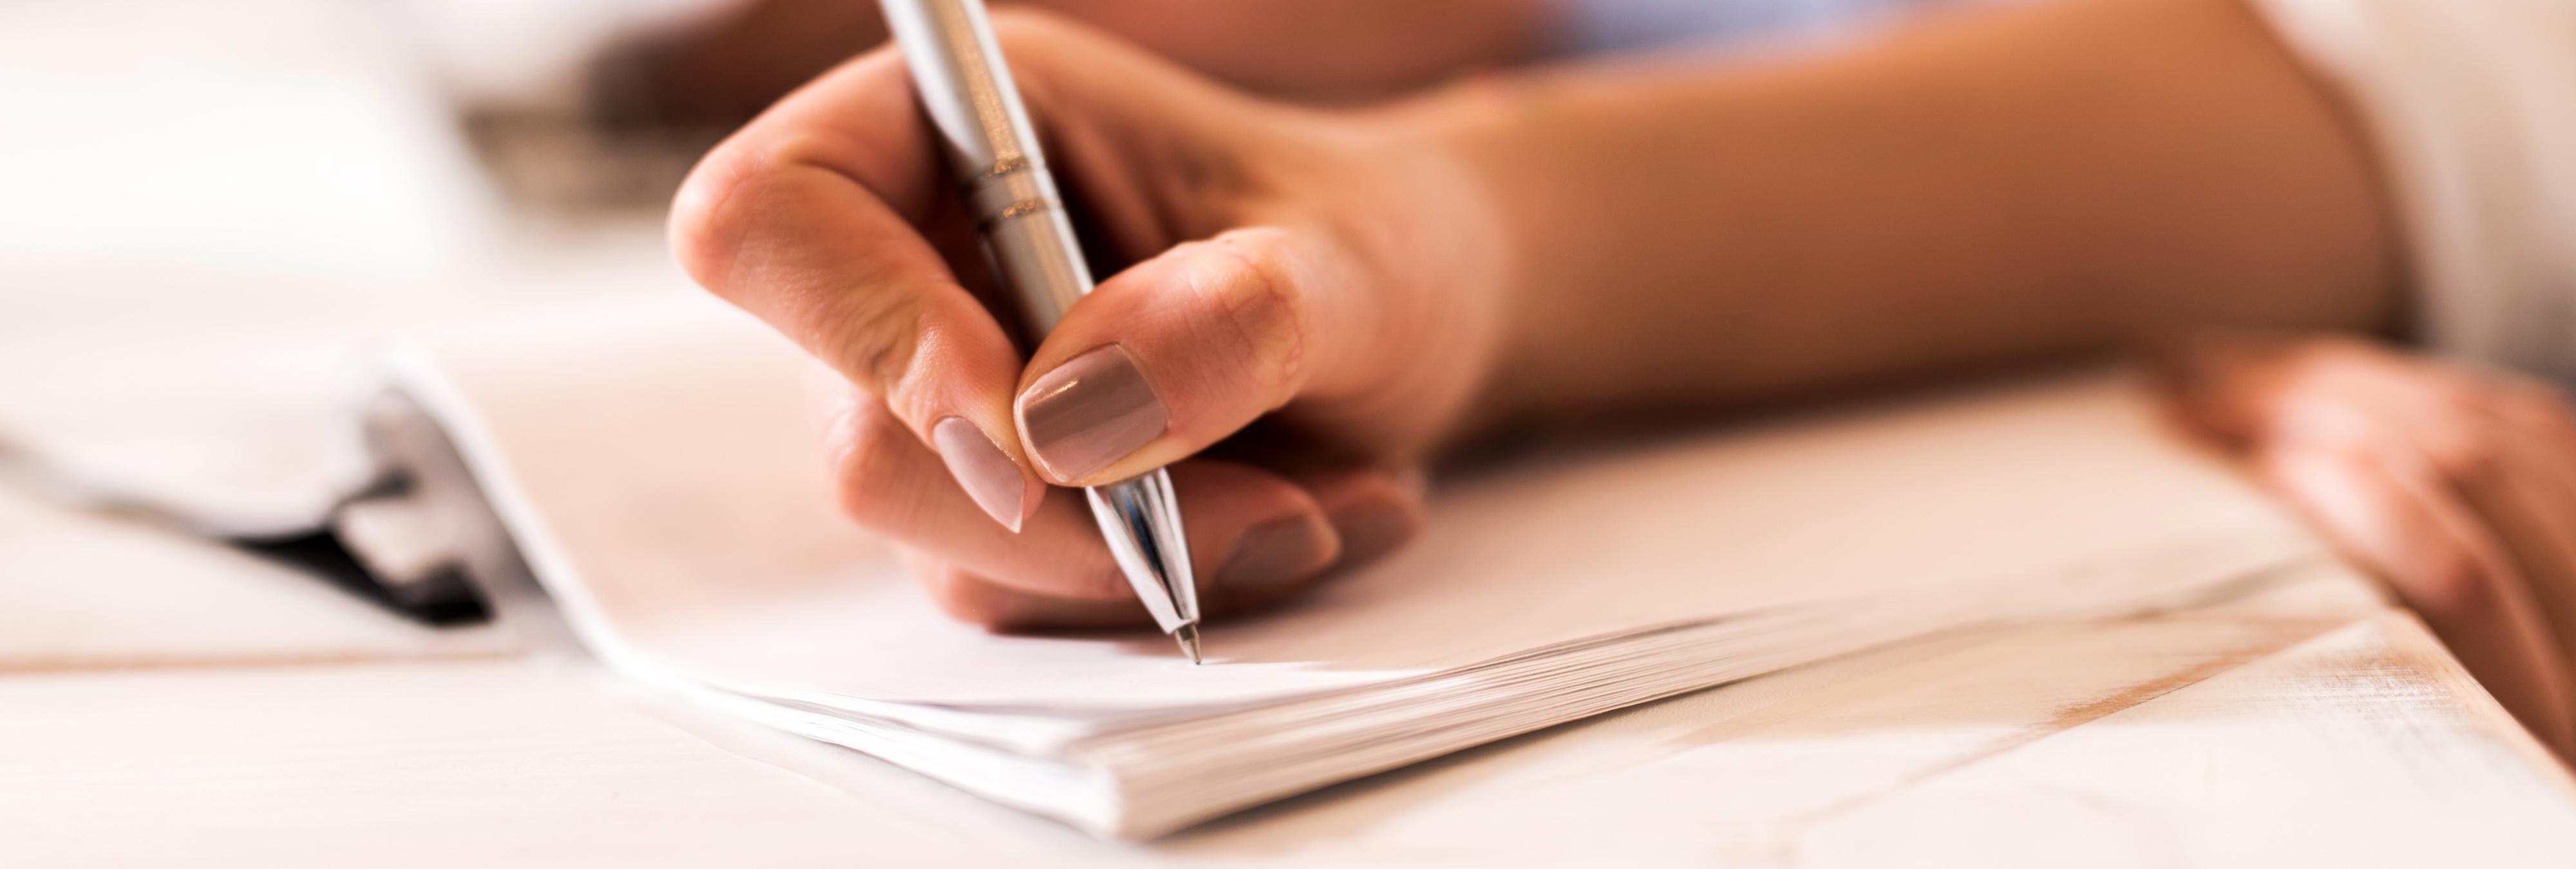 Escribe una carta de reconciliación y su ex la devuelve corregida y calificada con un muy deficiente